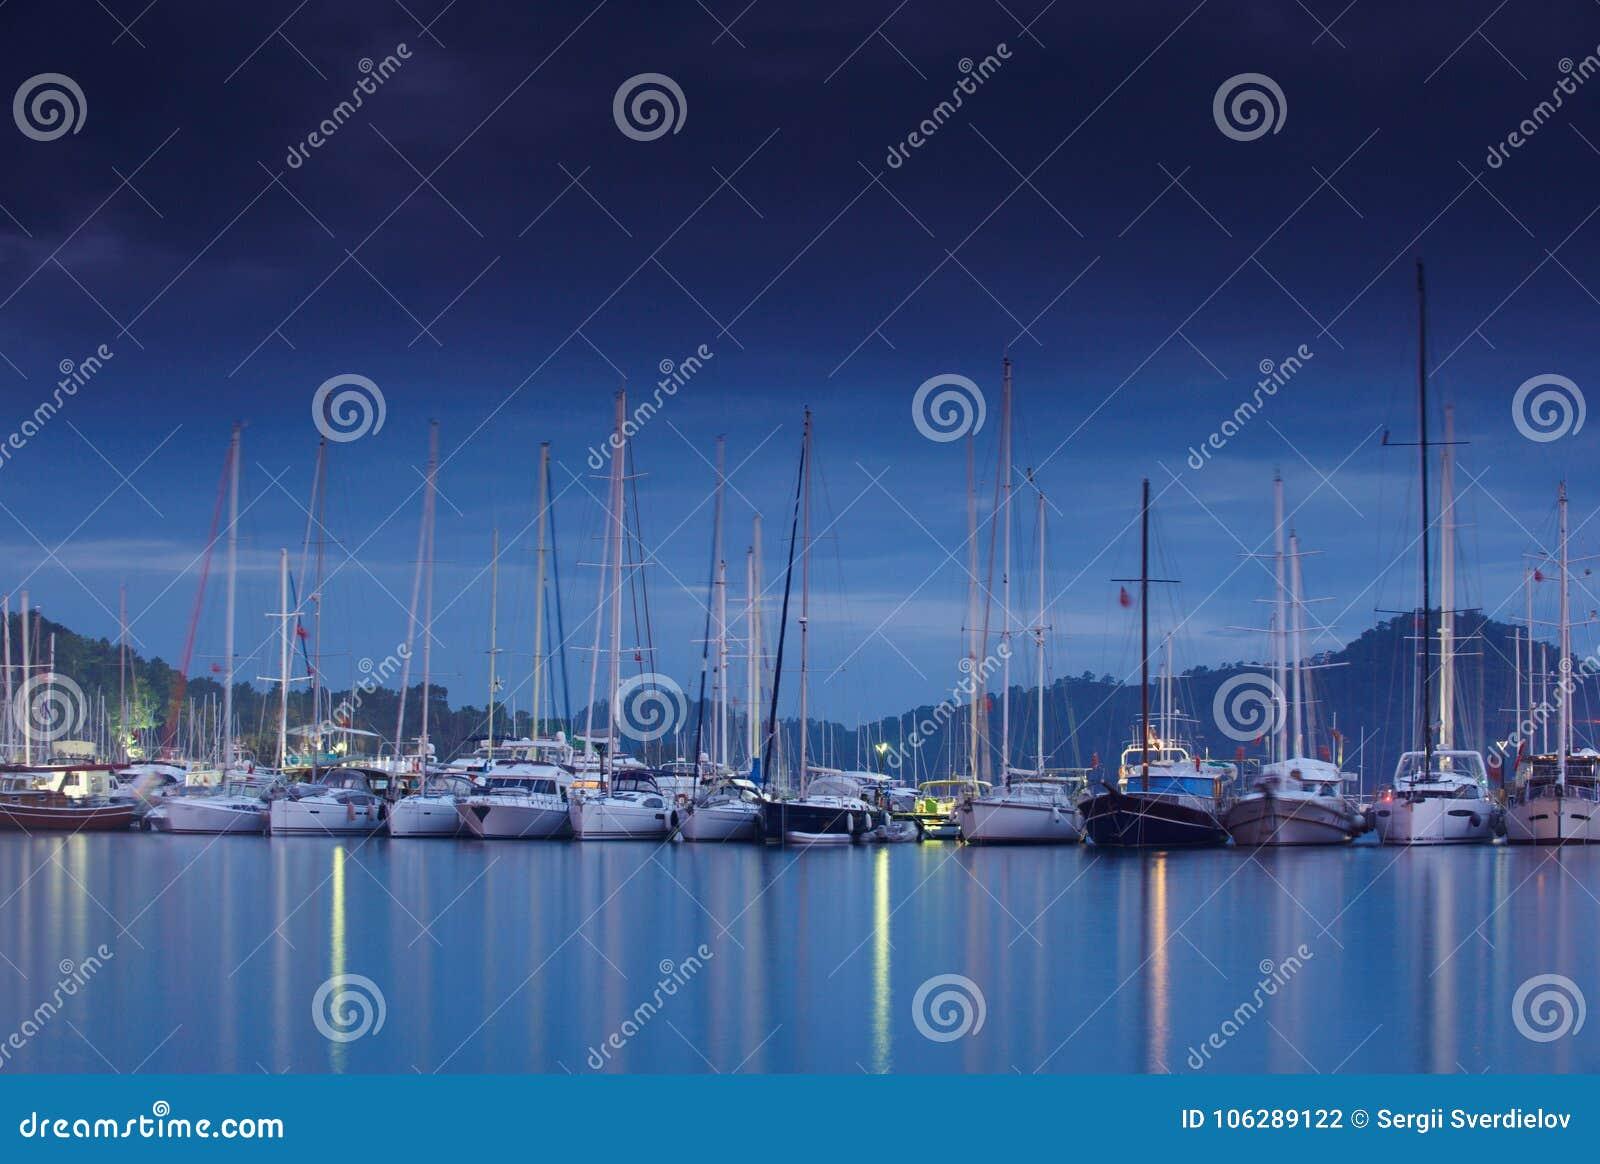 Jachthaven bij nacht met vastgelegde jachten